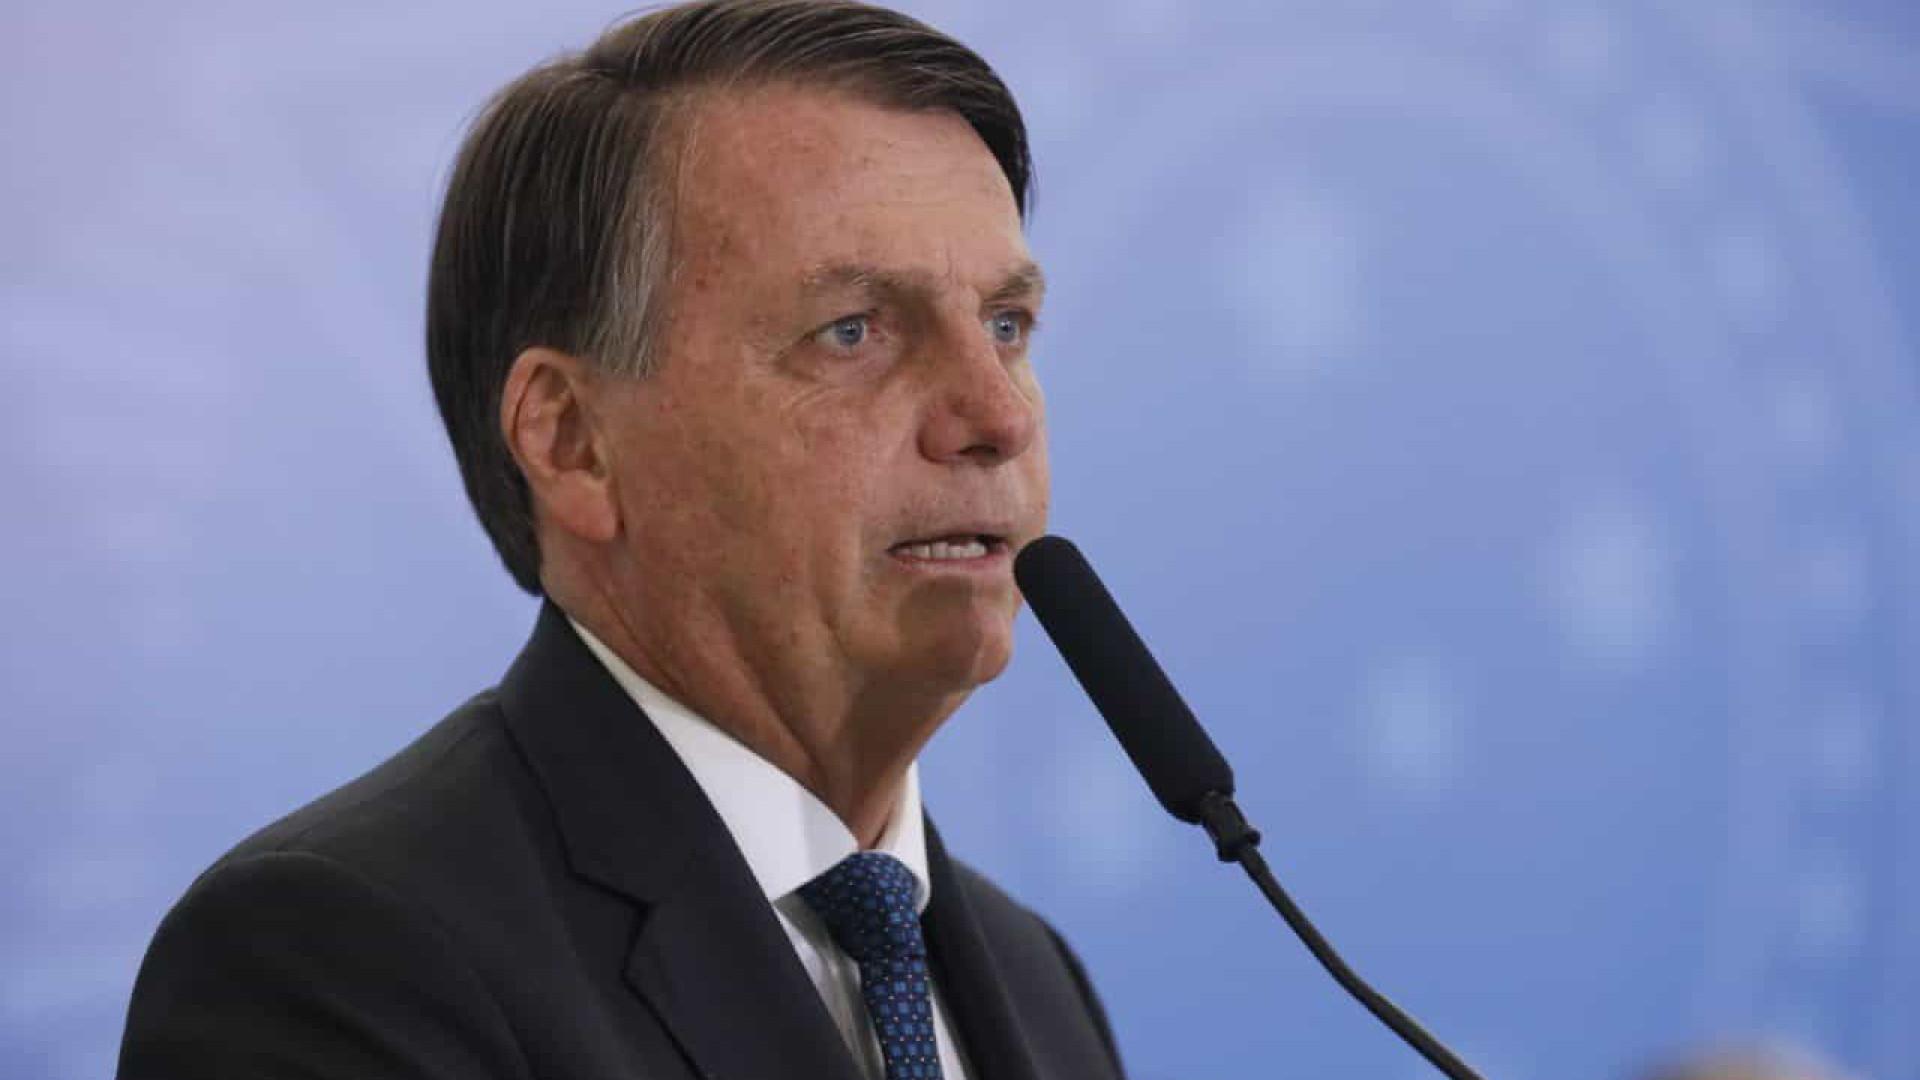 Grupos convocam carreatas pró-impeachment de Bolsonaro nas capitais para o sábado